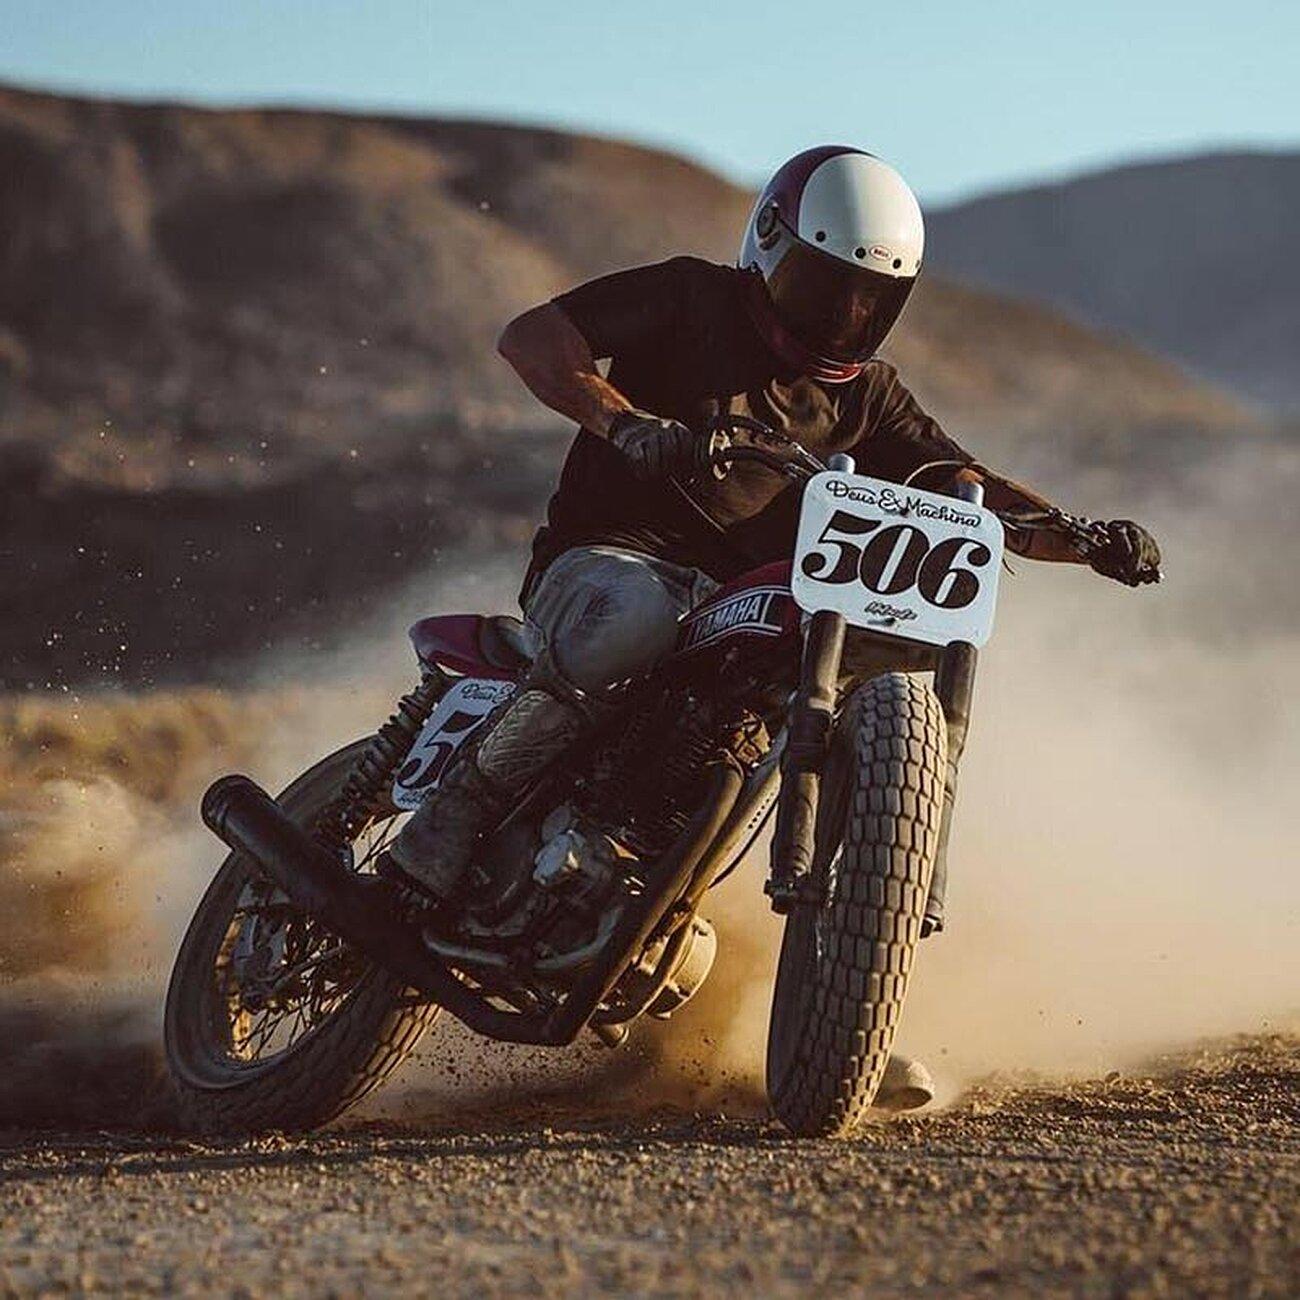 casques bell helmets moto bullitt custom 500 vintage biker retro harley